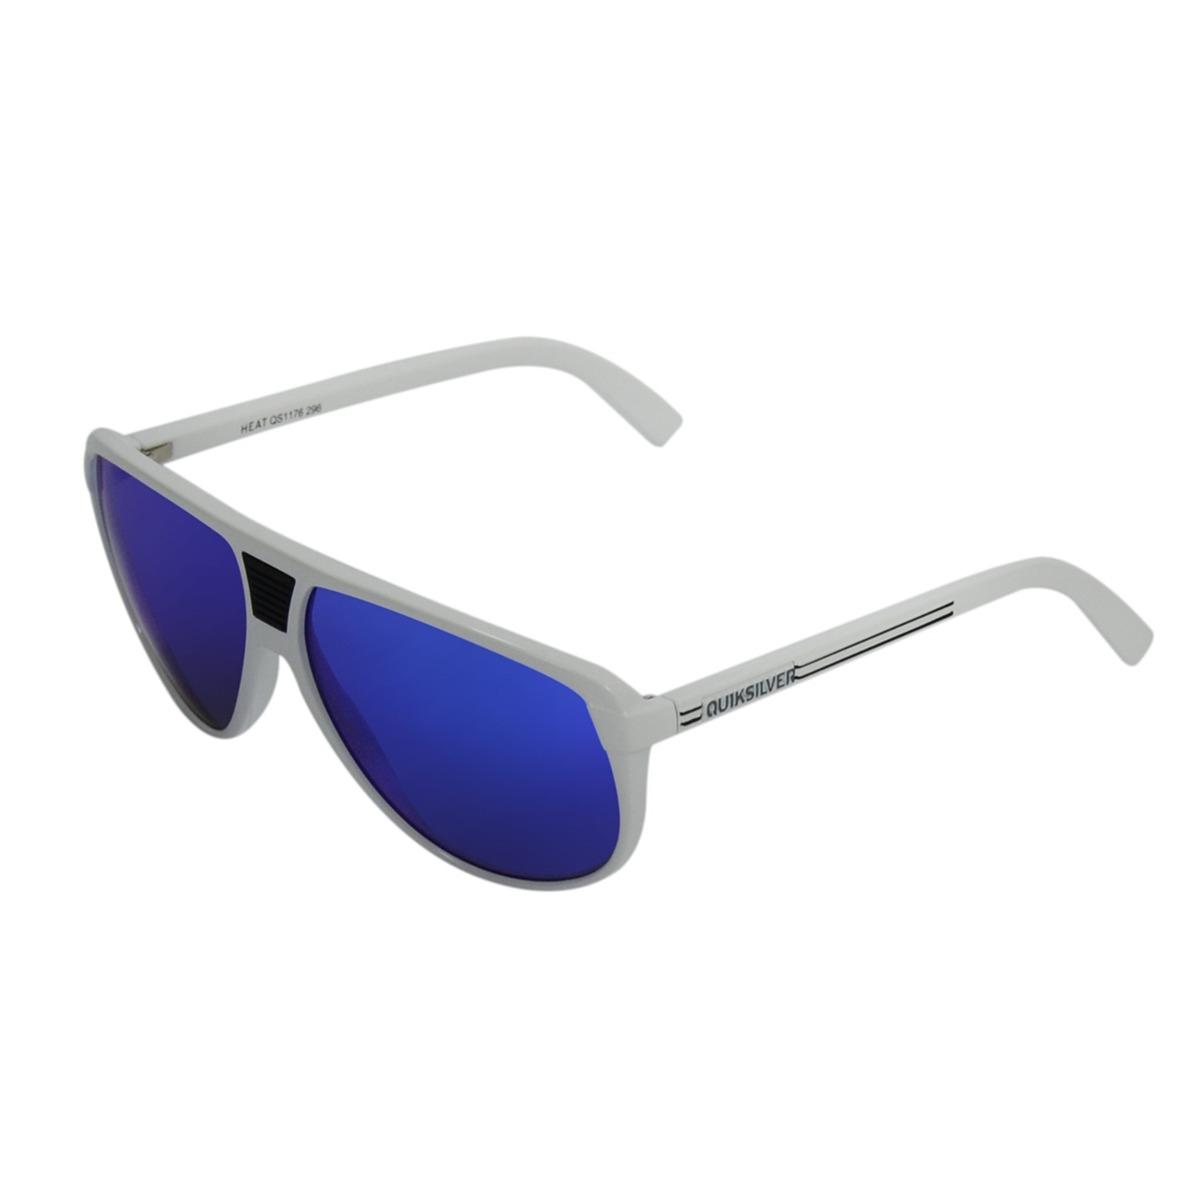 f1c9a7d1dc8a6 óculos masculino quiksilver heat azul. Carregando zoom.